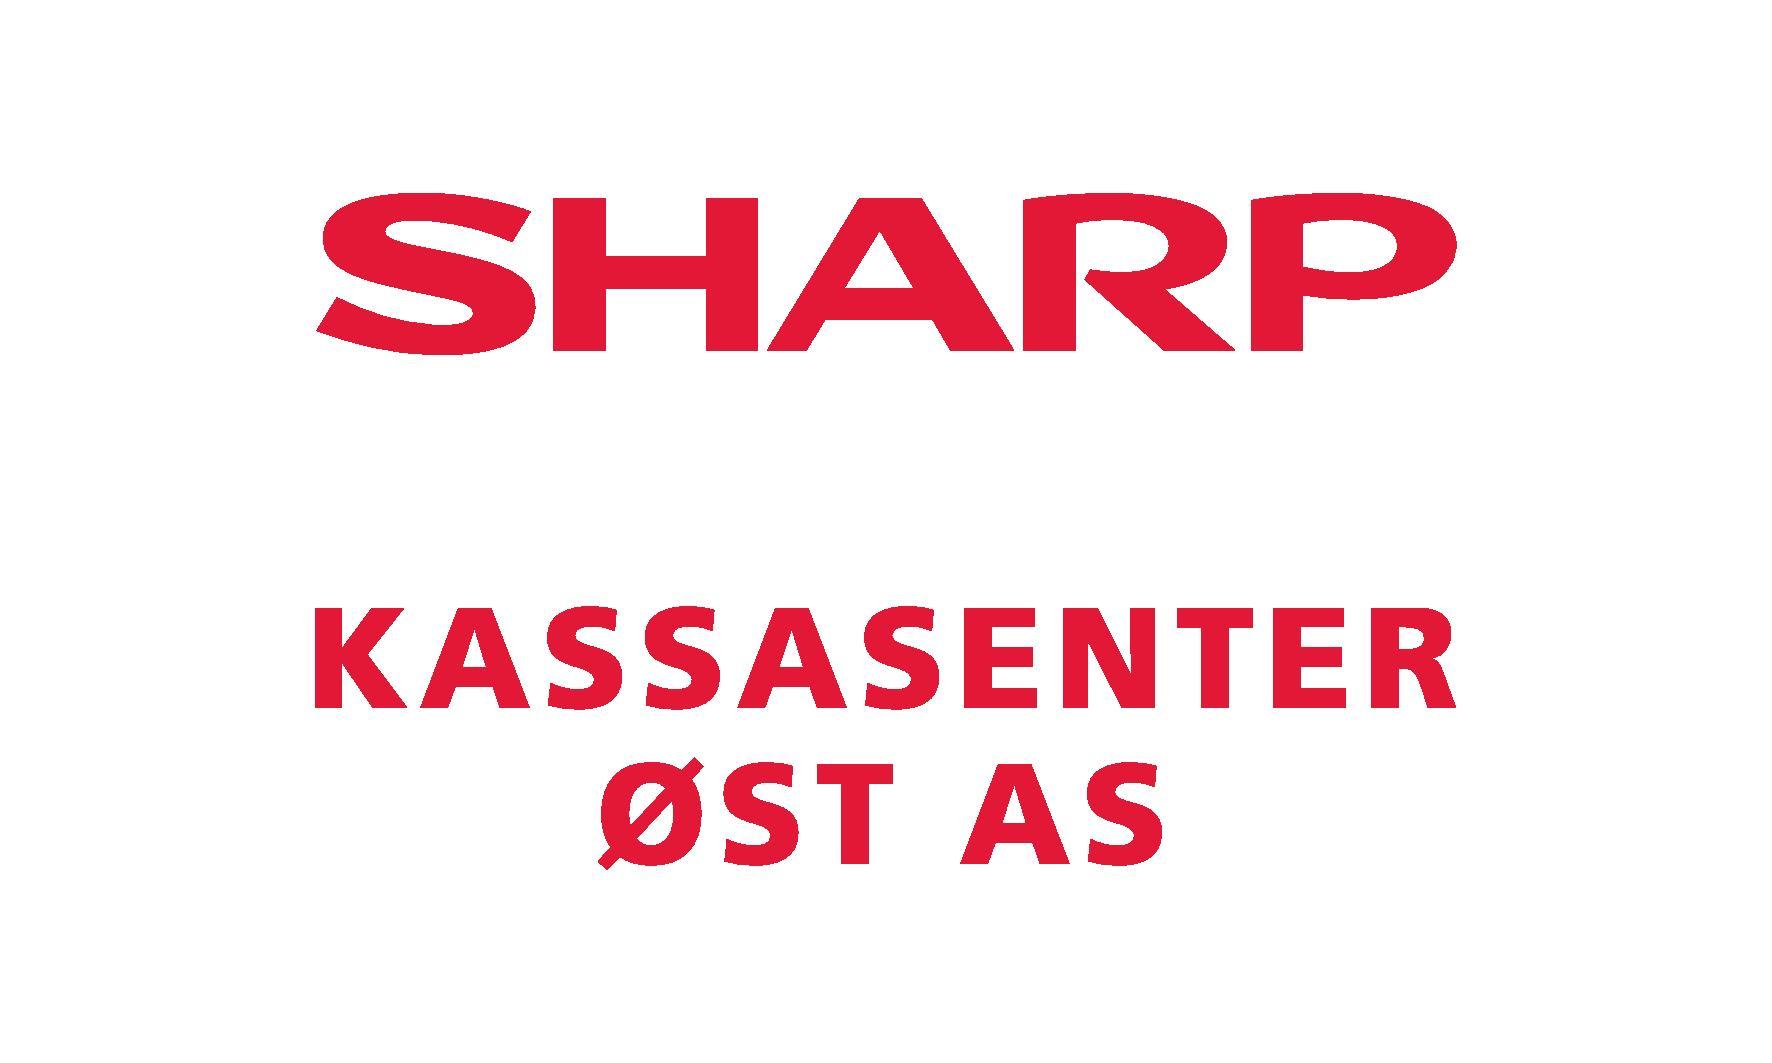 KASSASENTER ØST